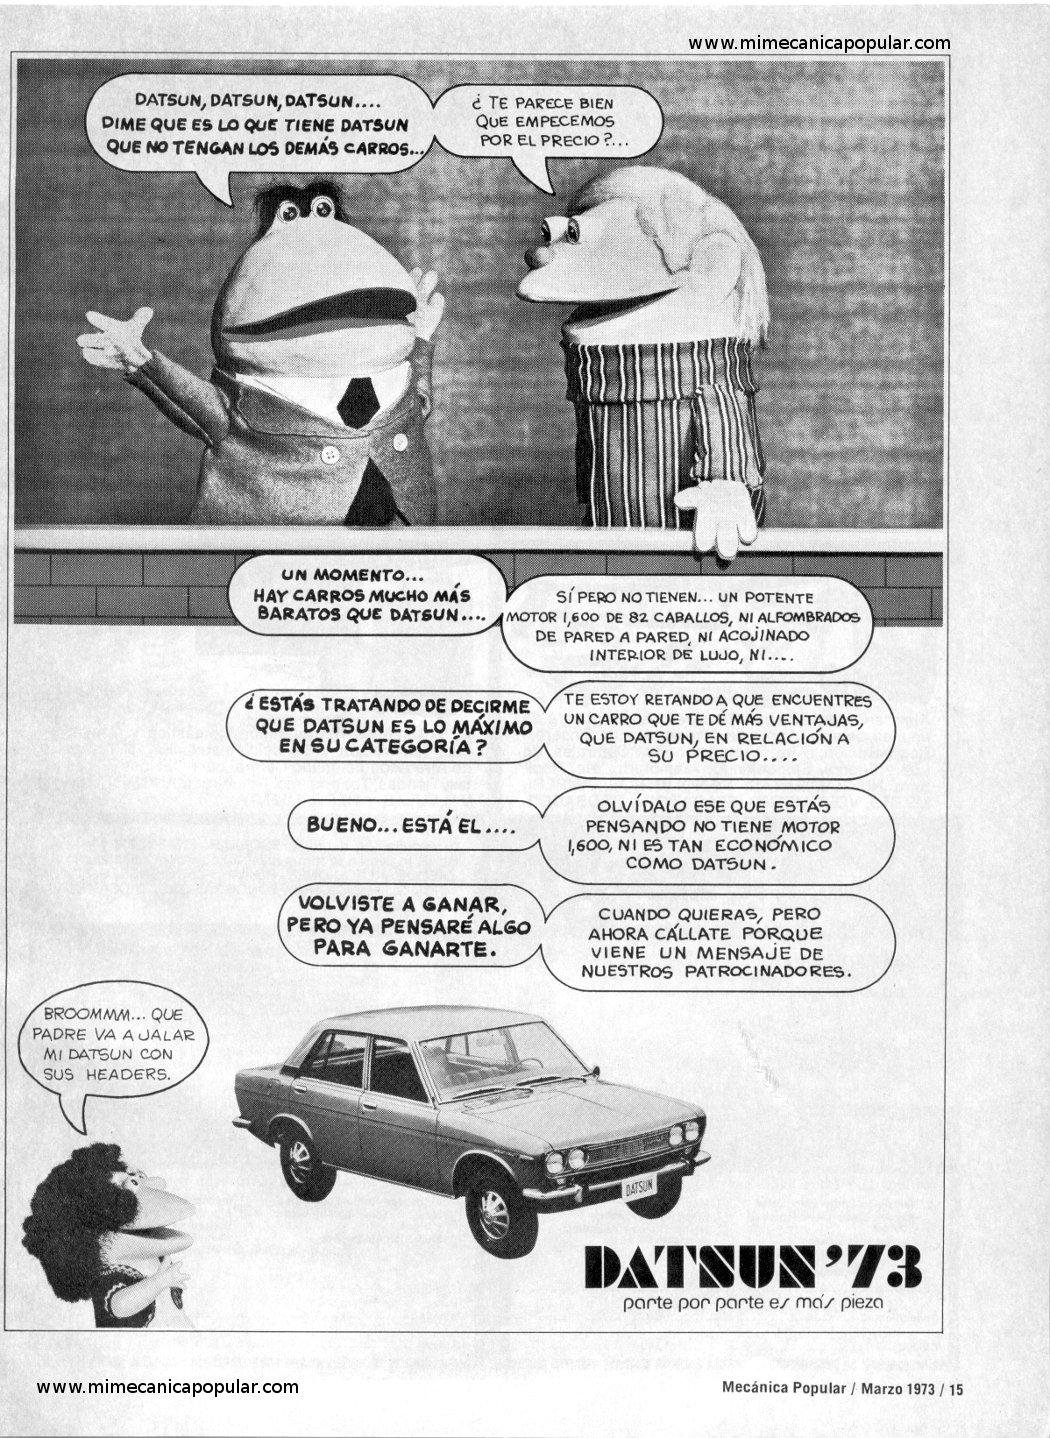 publicidad_datsun_marzo_1973-01.jpg